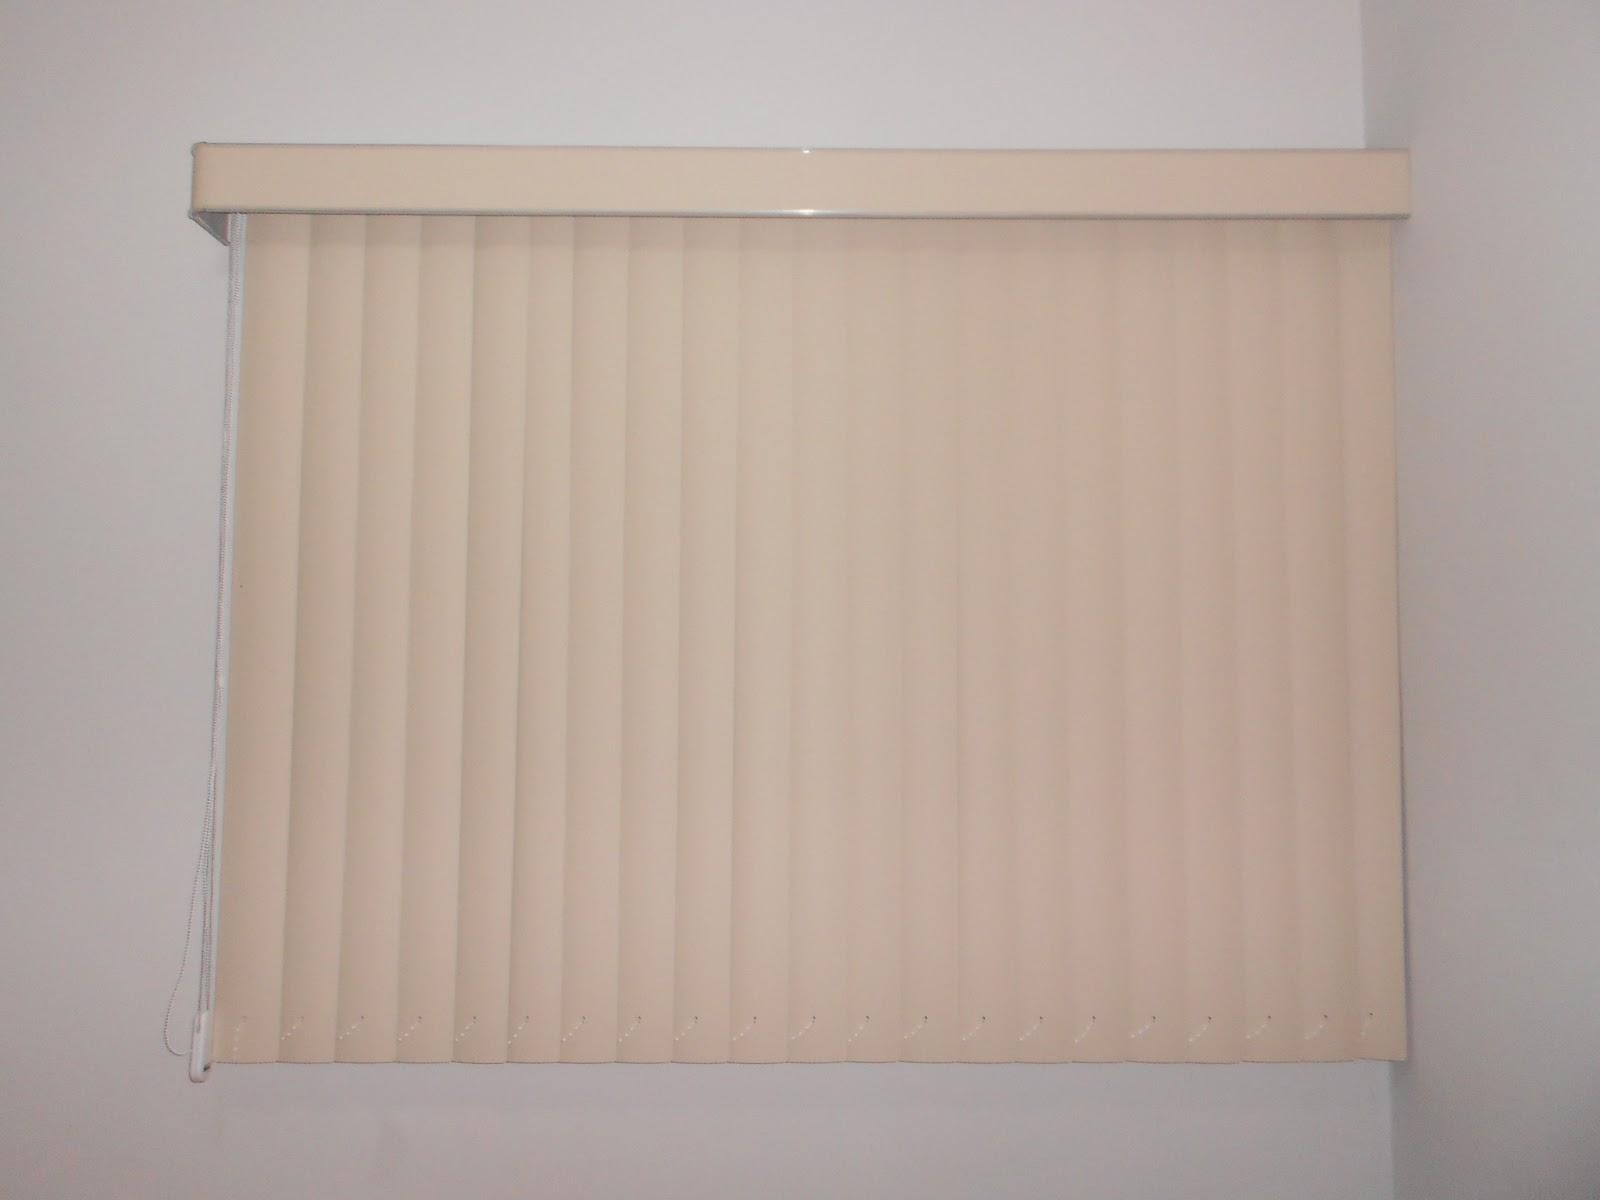 #7B6350  de pó e ácaro achamos melhor colocar persianas de pvc nos quartos 1418 Quanto Custa Uma Janela De Aluminio Para Quarto